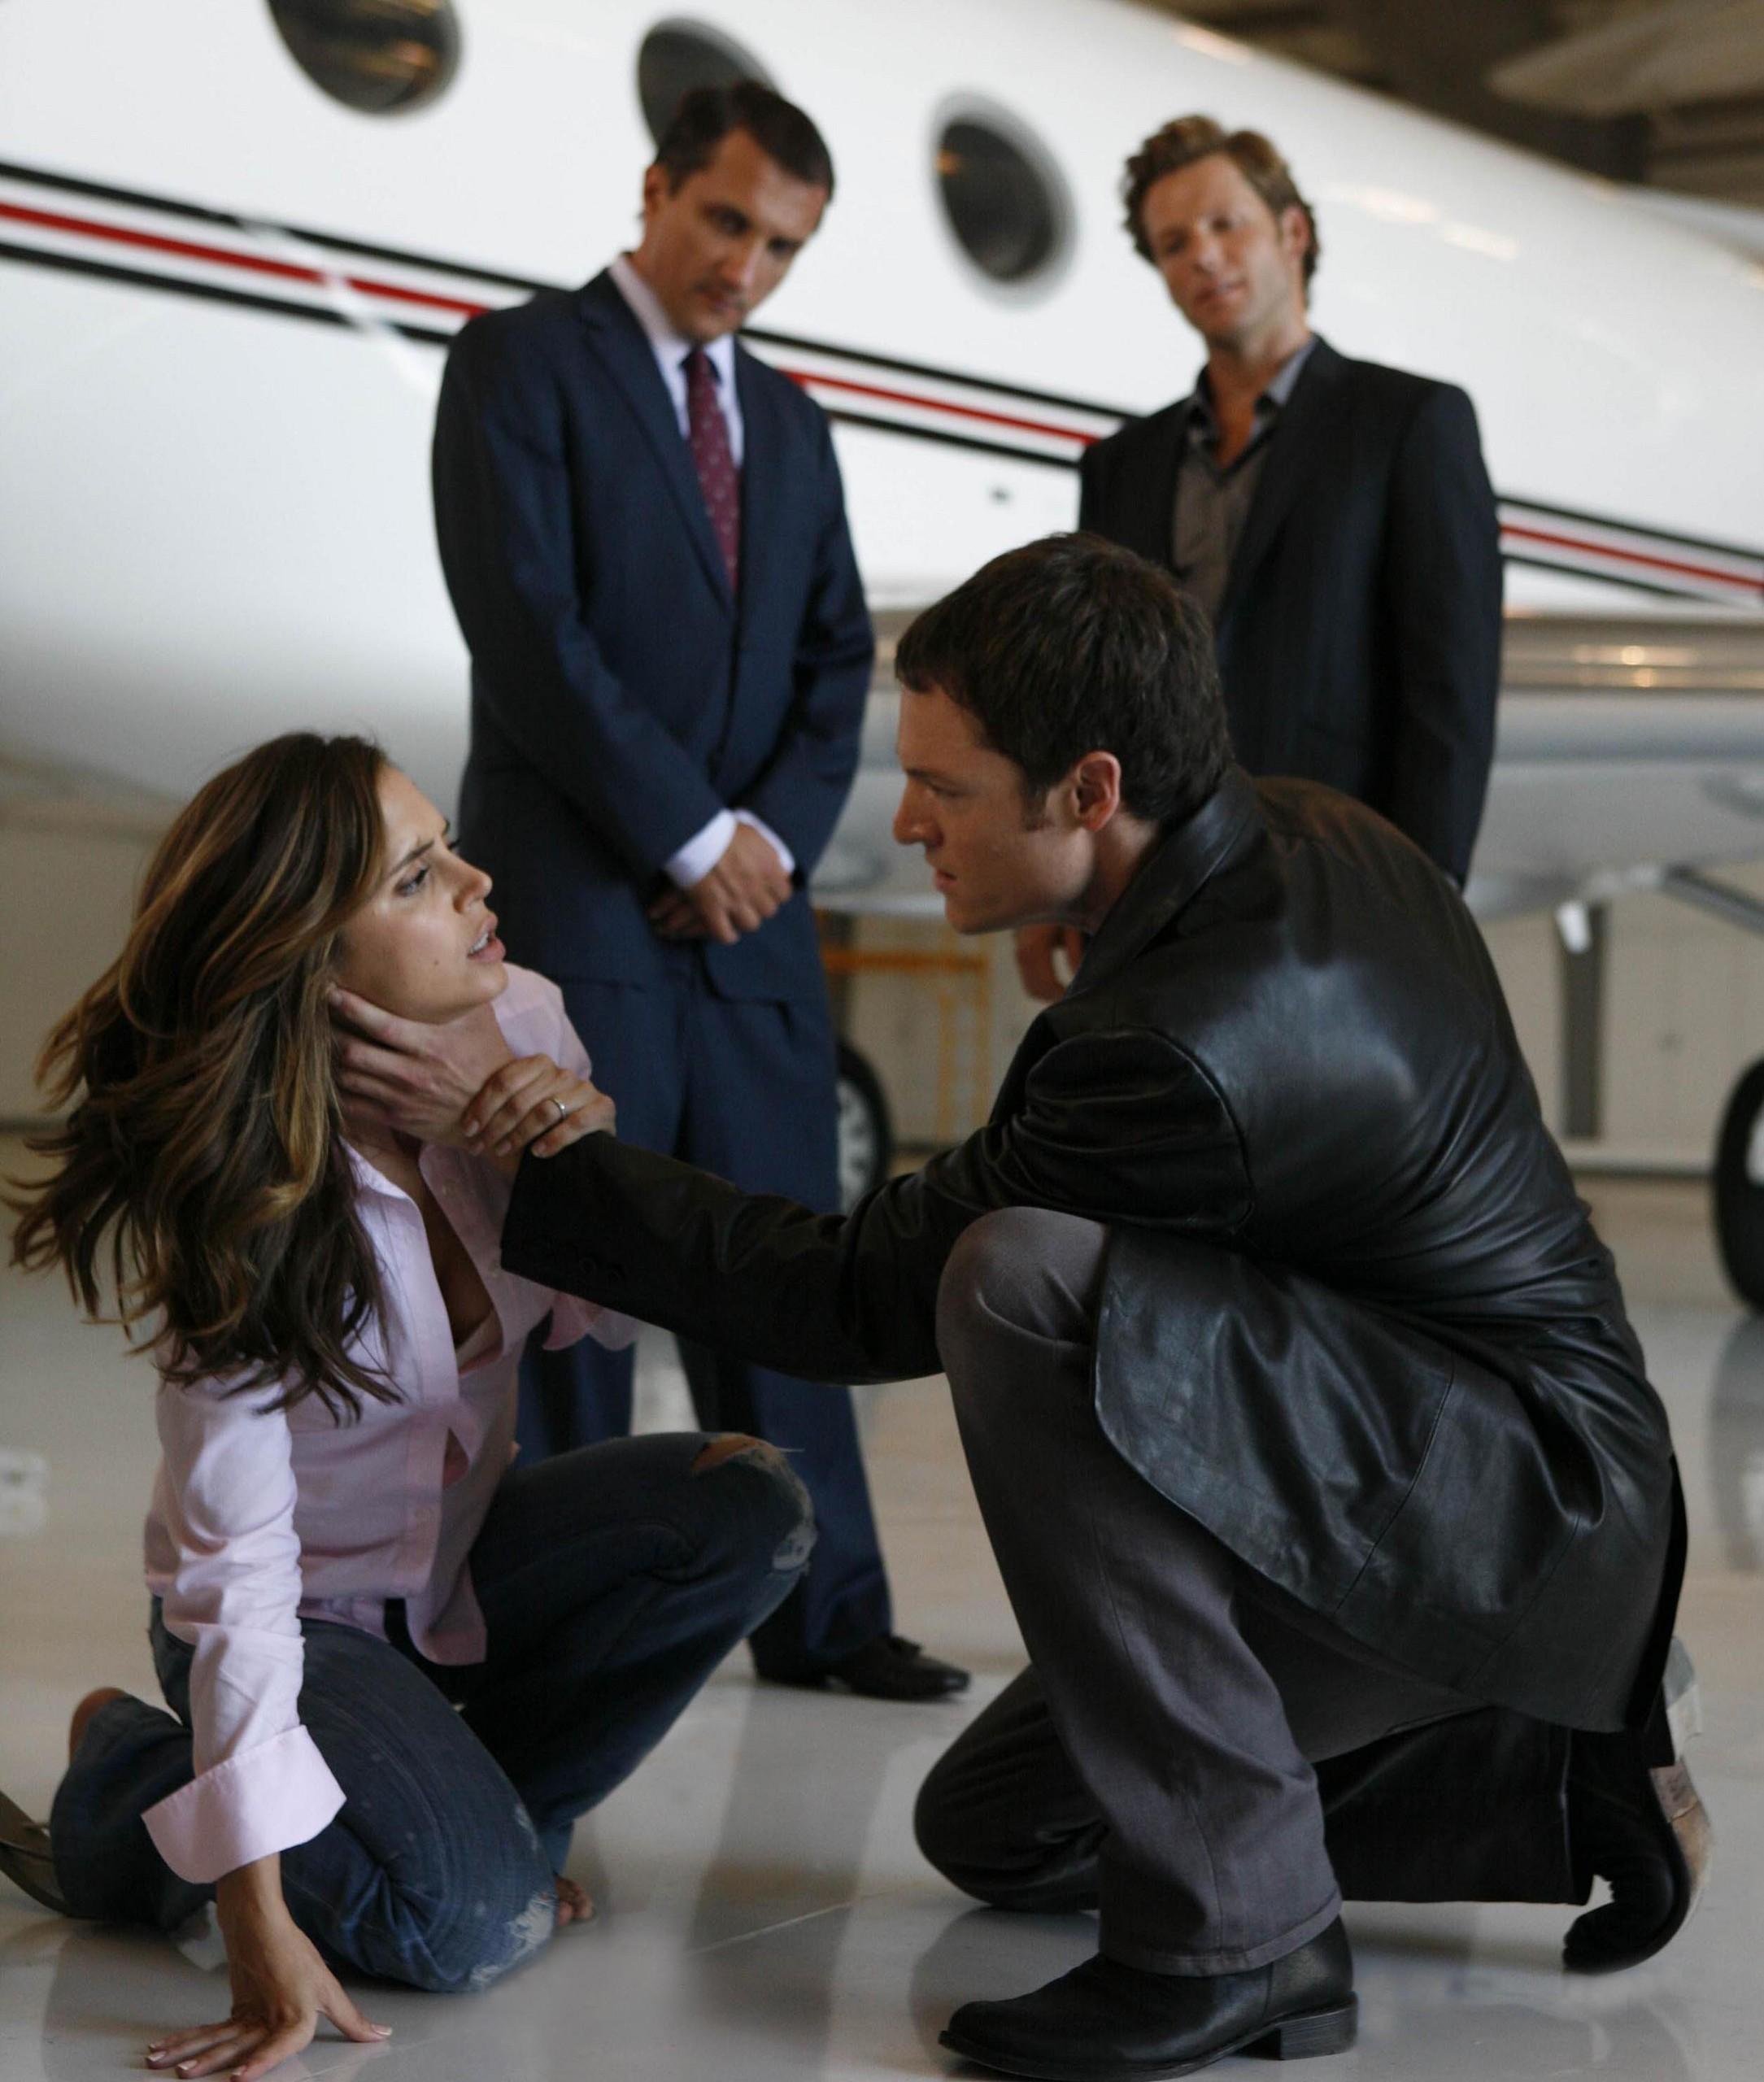 Vows-Season 2 Premiere